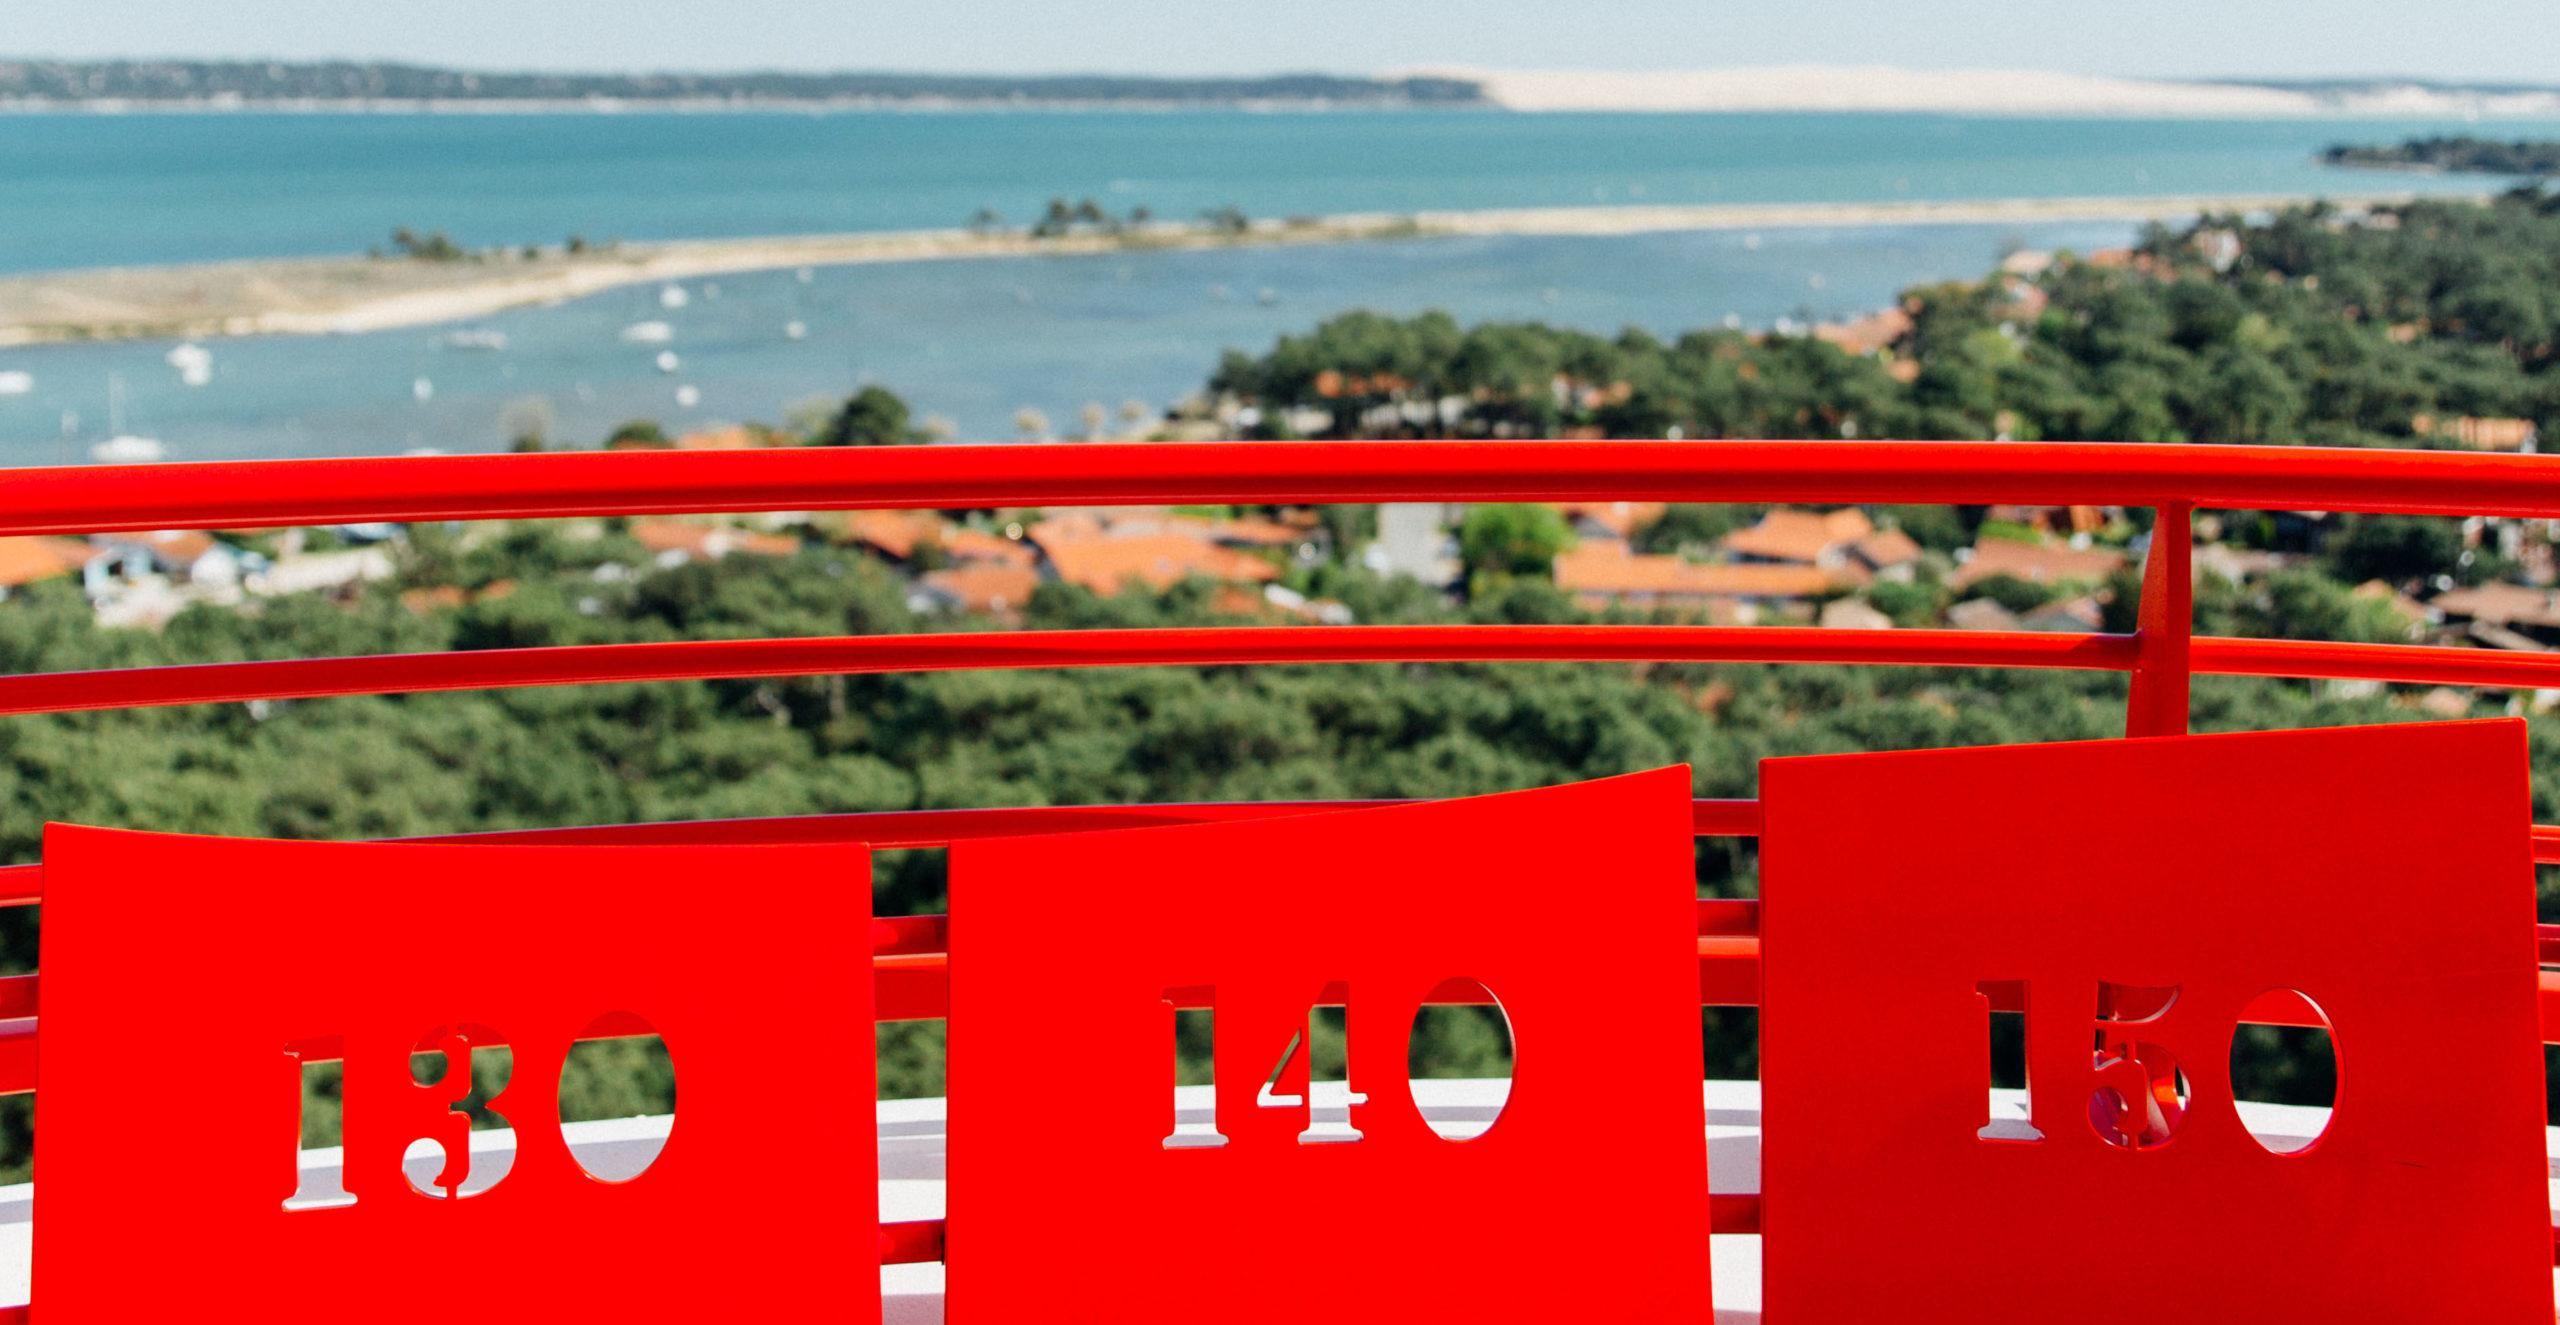 phare_du_cap_ferret_exposition_horizons_voyageurs_sommet_7